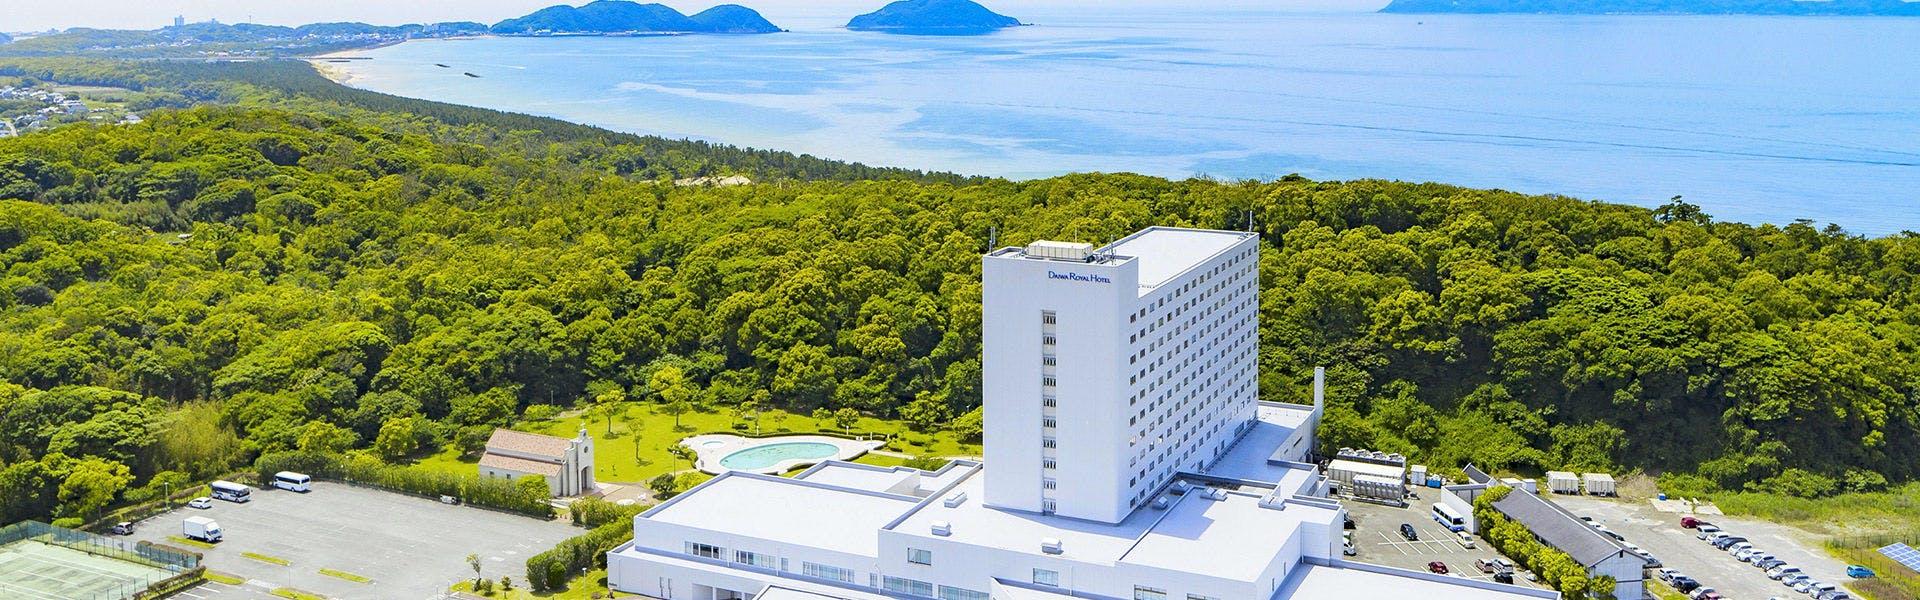 記念日におすすめのホテル・【ロイヤルホテル 宗像 -DAIWA ROYAL HOTEL-】の写真2